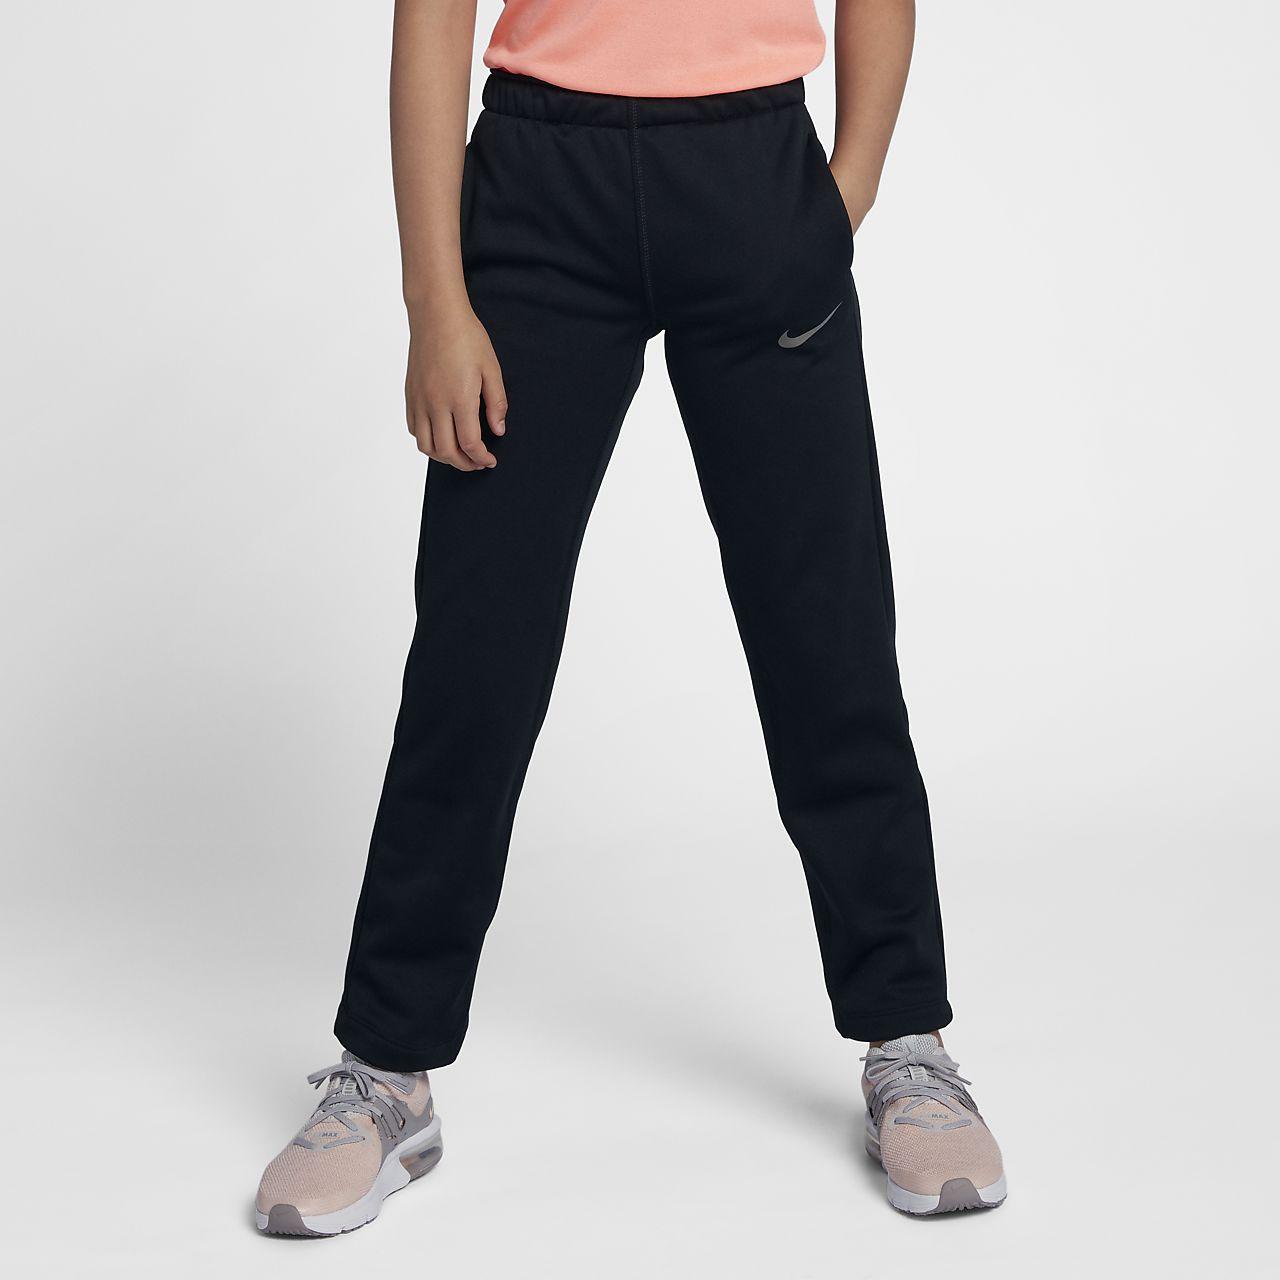 05fc07fff7571a Nike Dri-FIT Therma Big Kids' (Girls') Training Pants. Nike.com